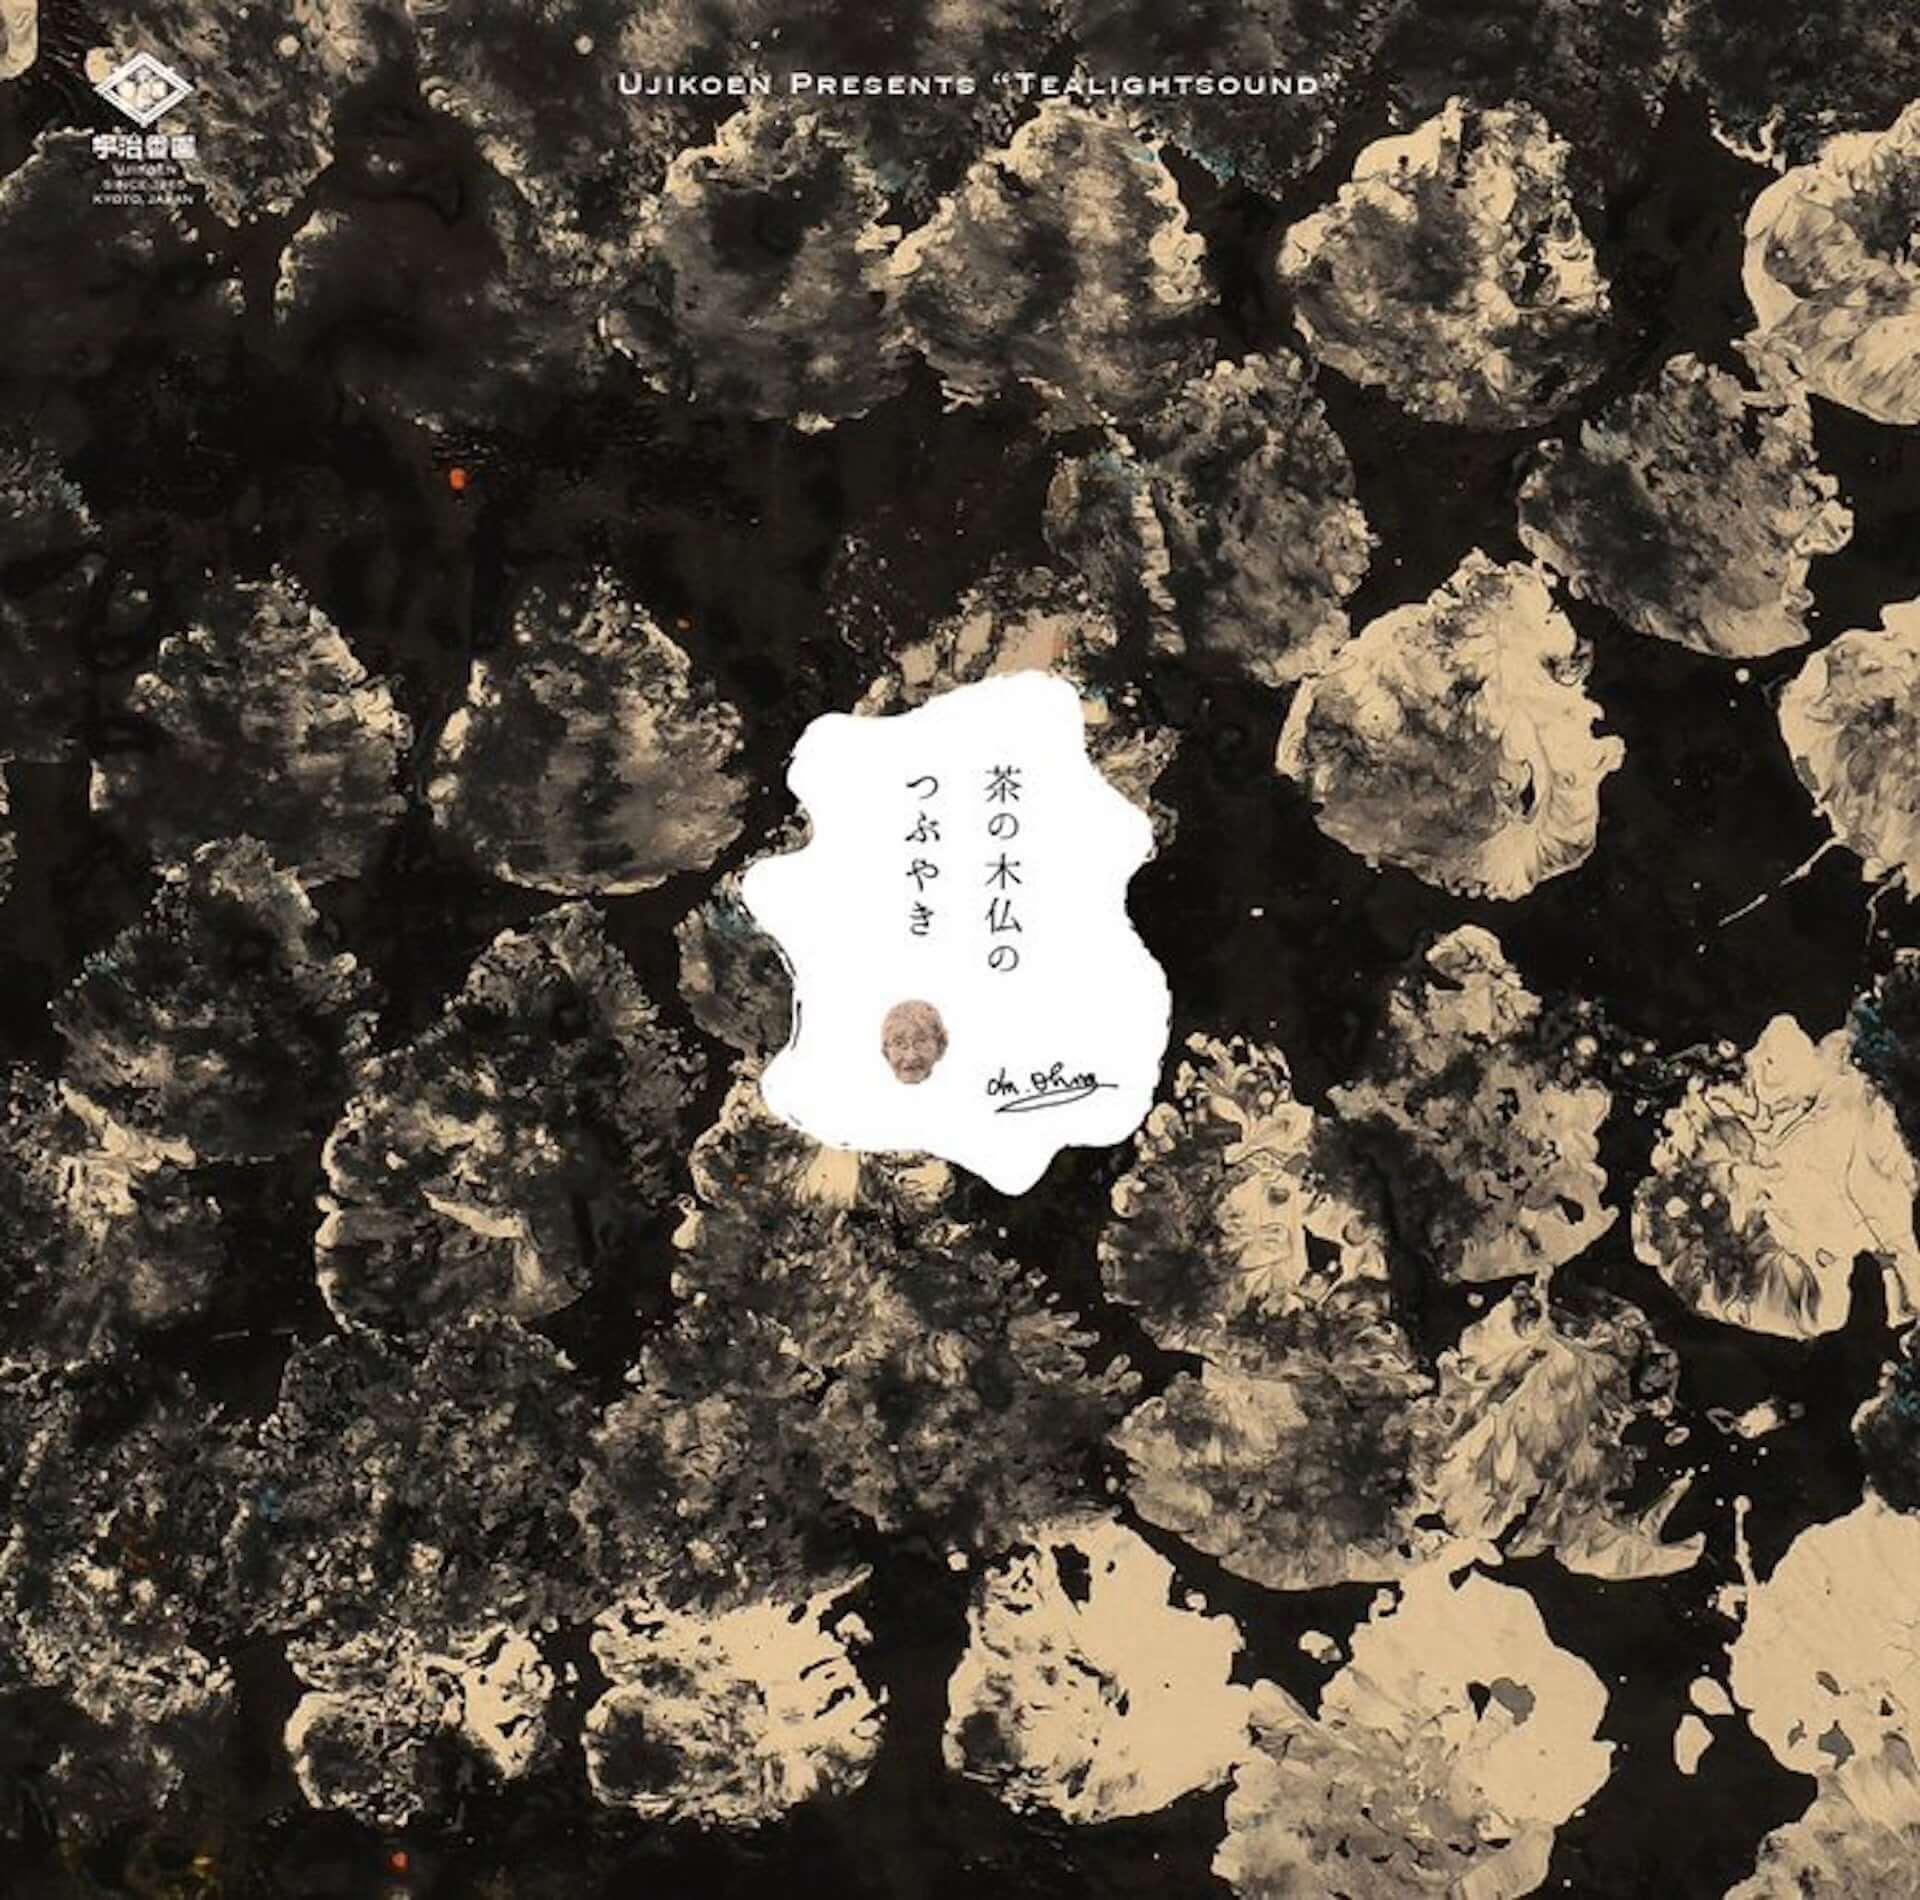 大野松雄の90歳記念イベント<音の世界—番外編—>が京都メトロで開催決定!由良泰人、RUBYORLAを迎えて生配信 music200911_matsuo-ohno_5-1920x1900